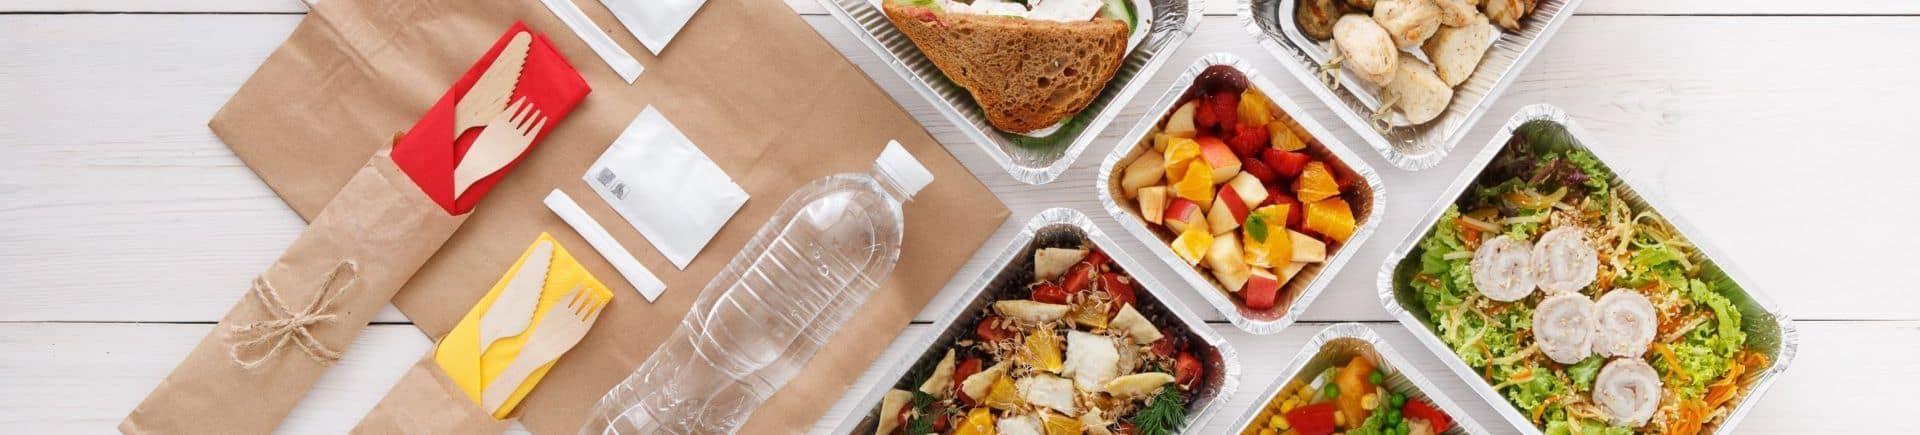 Food Packaging Regulations